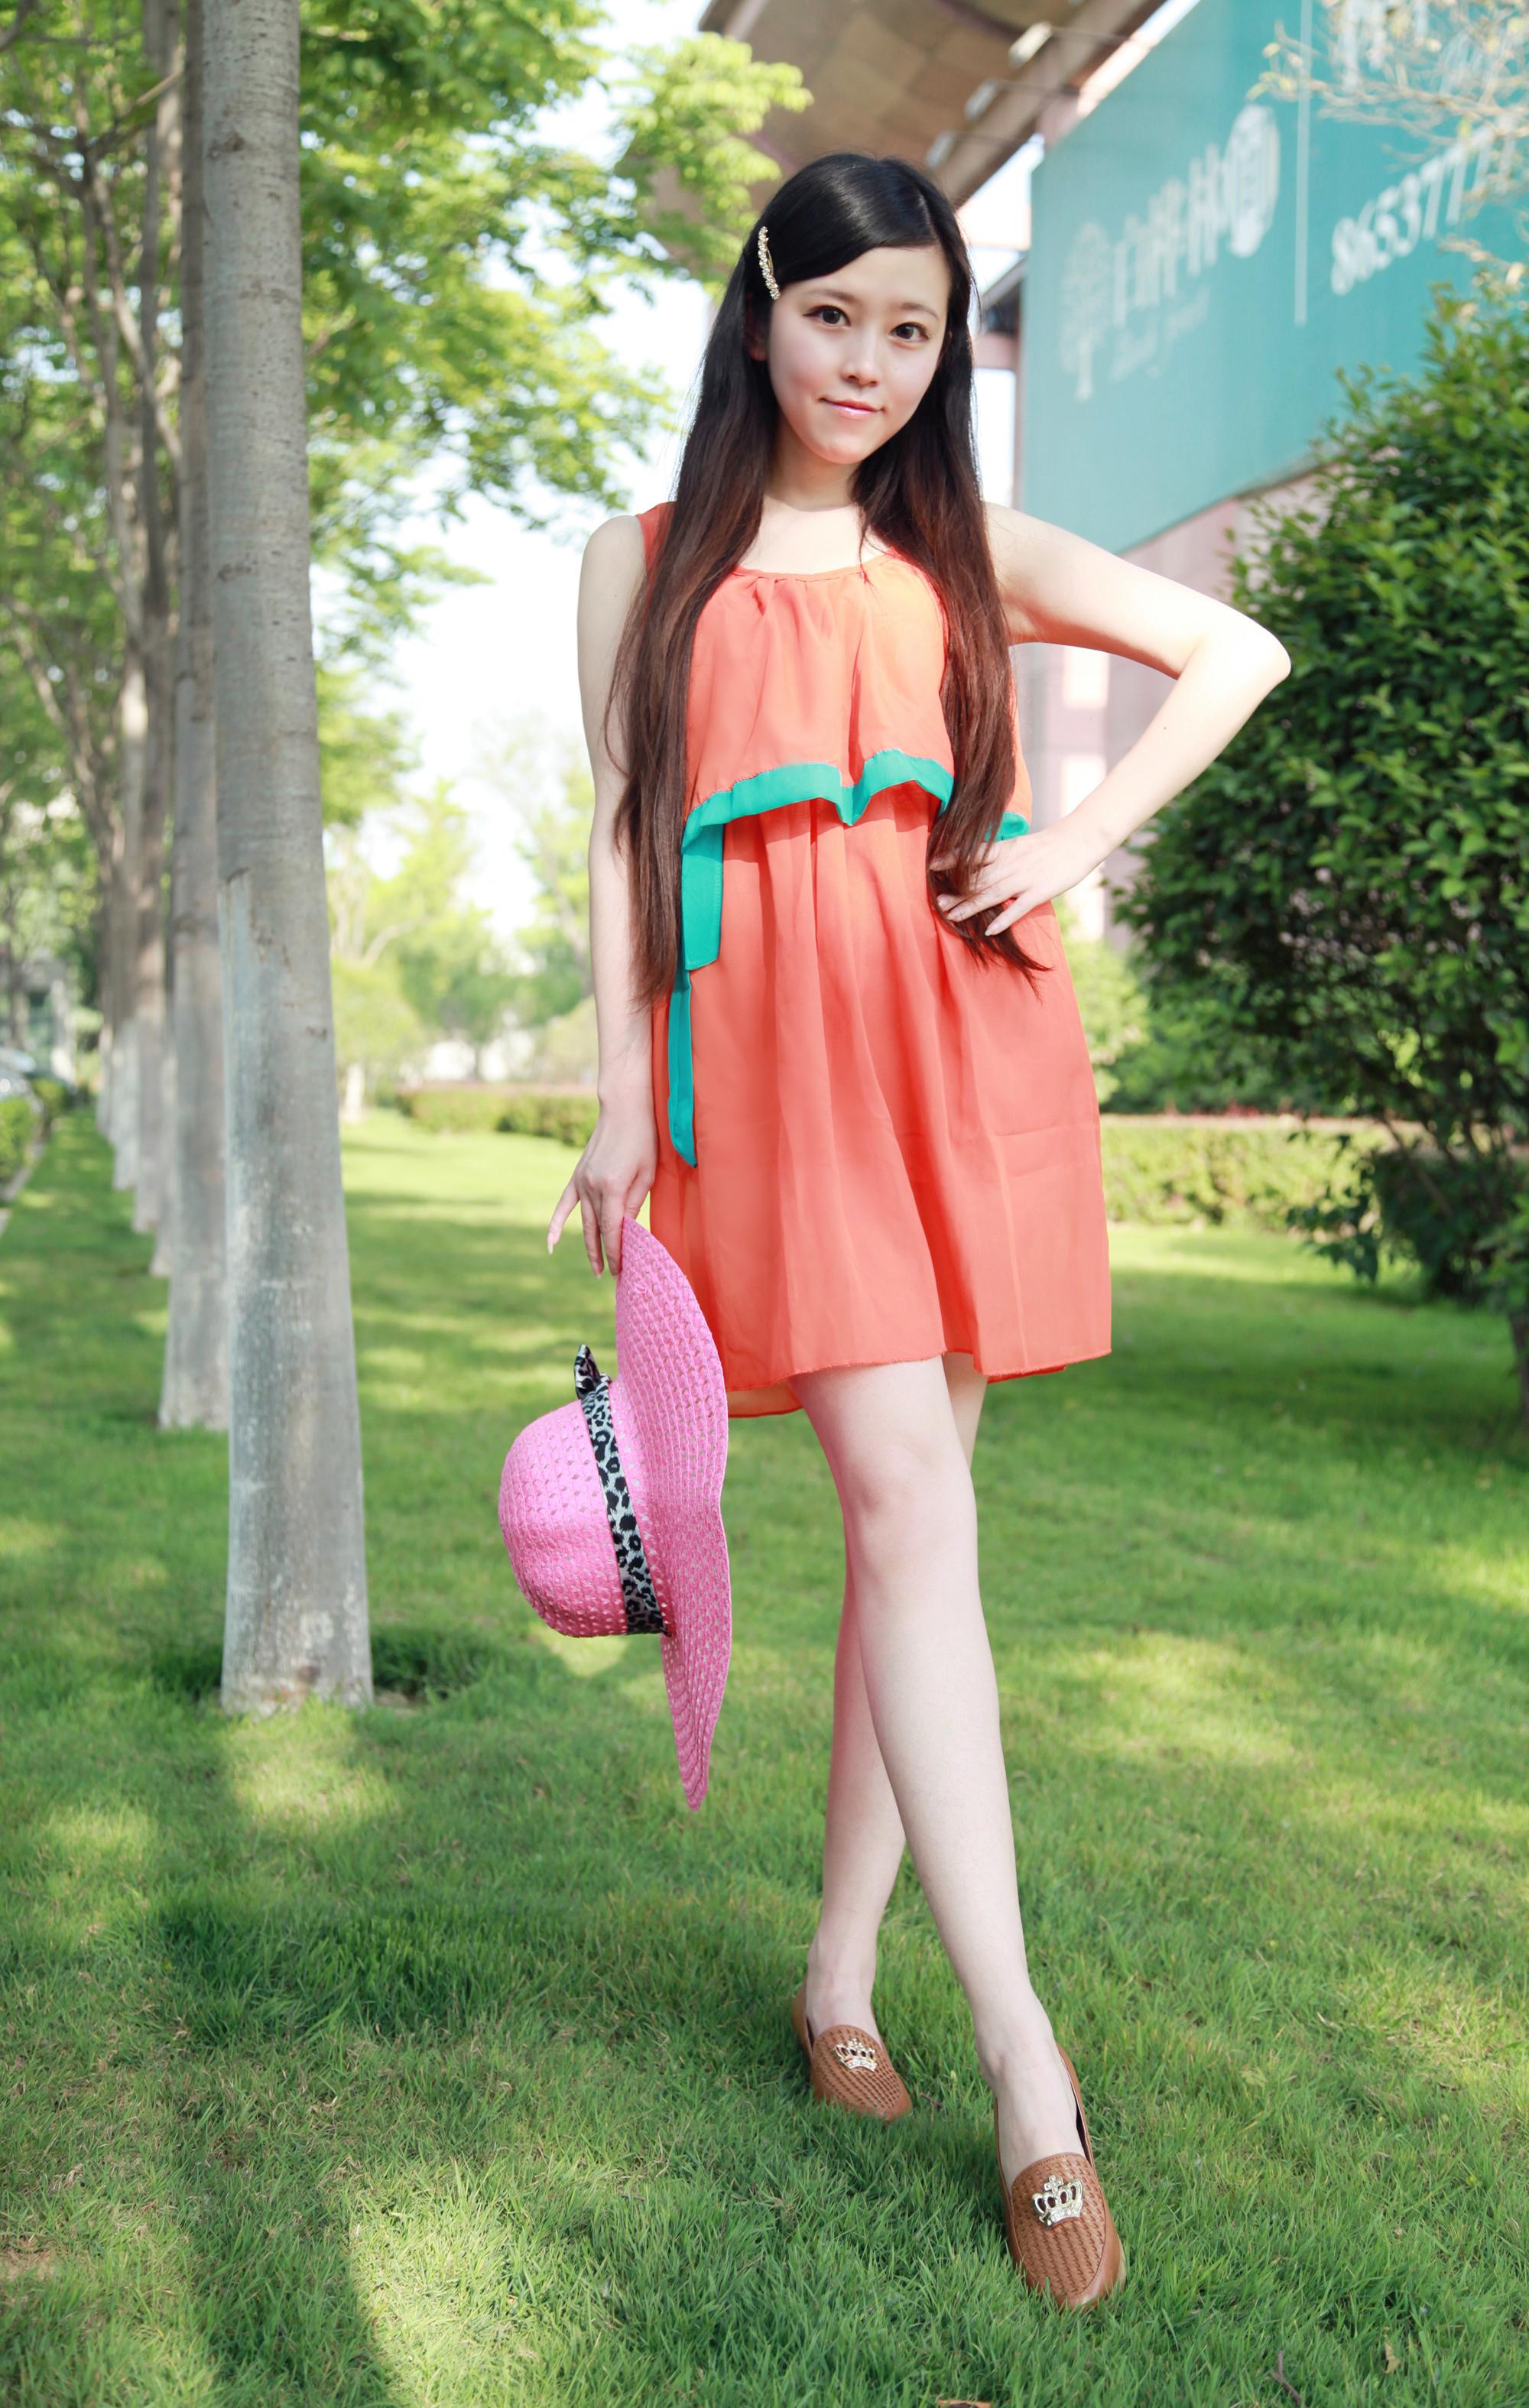 橘色雪纺连衣裙~搭配绿色长款防晒衣~~复古款反光